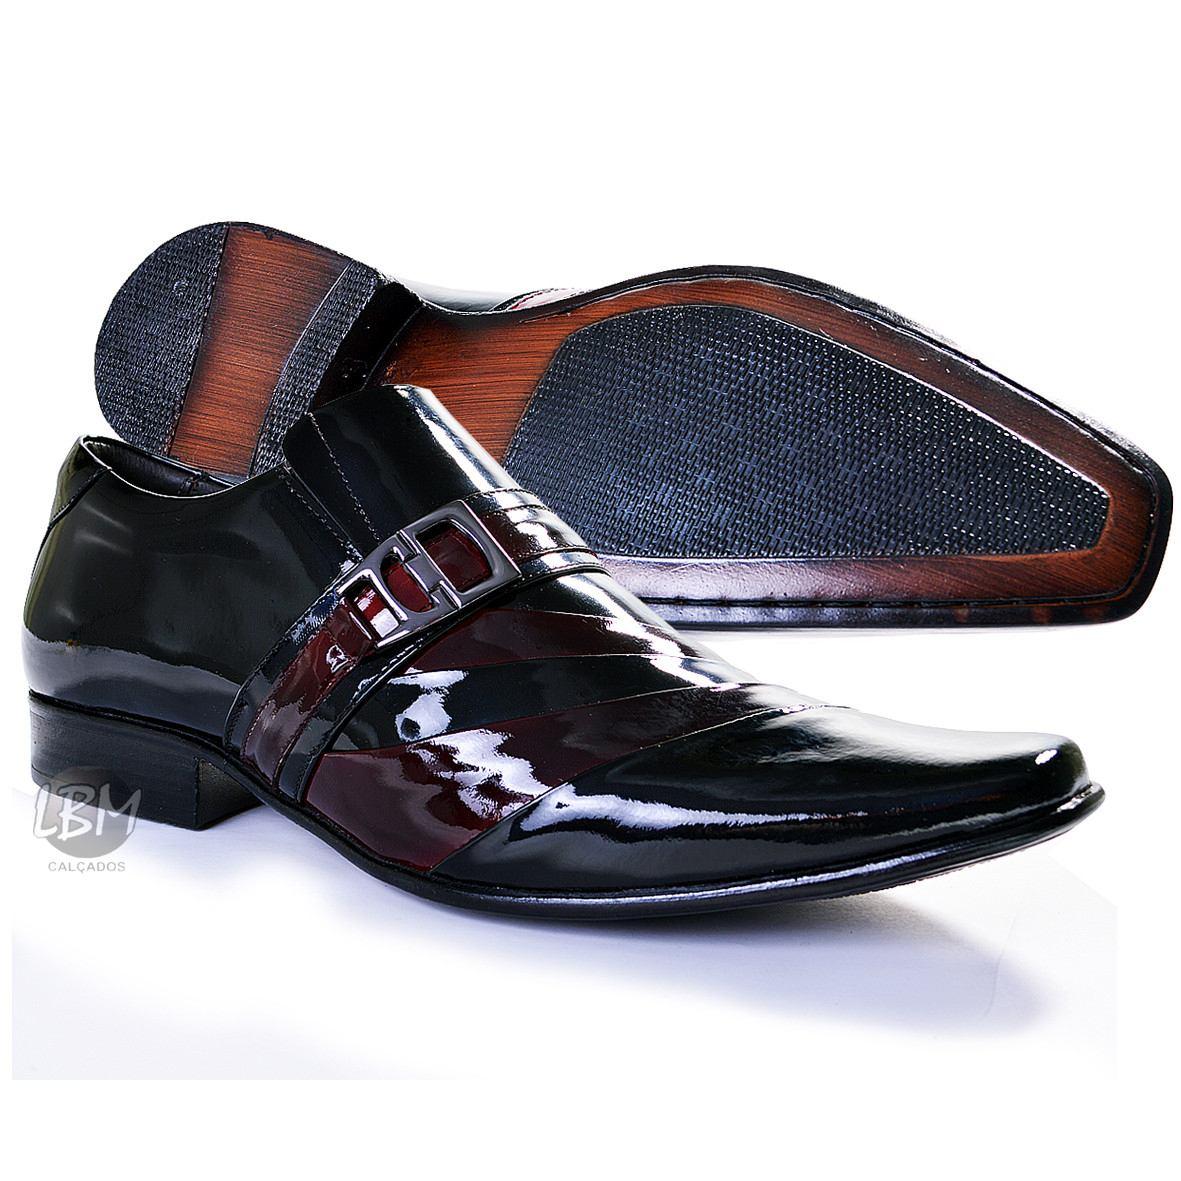 cf896fbc00 Sapato De Verniz Com Cinto Social Masculino Couro Legitimo - R$ 209 ...